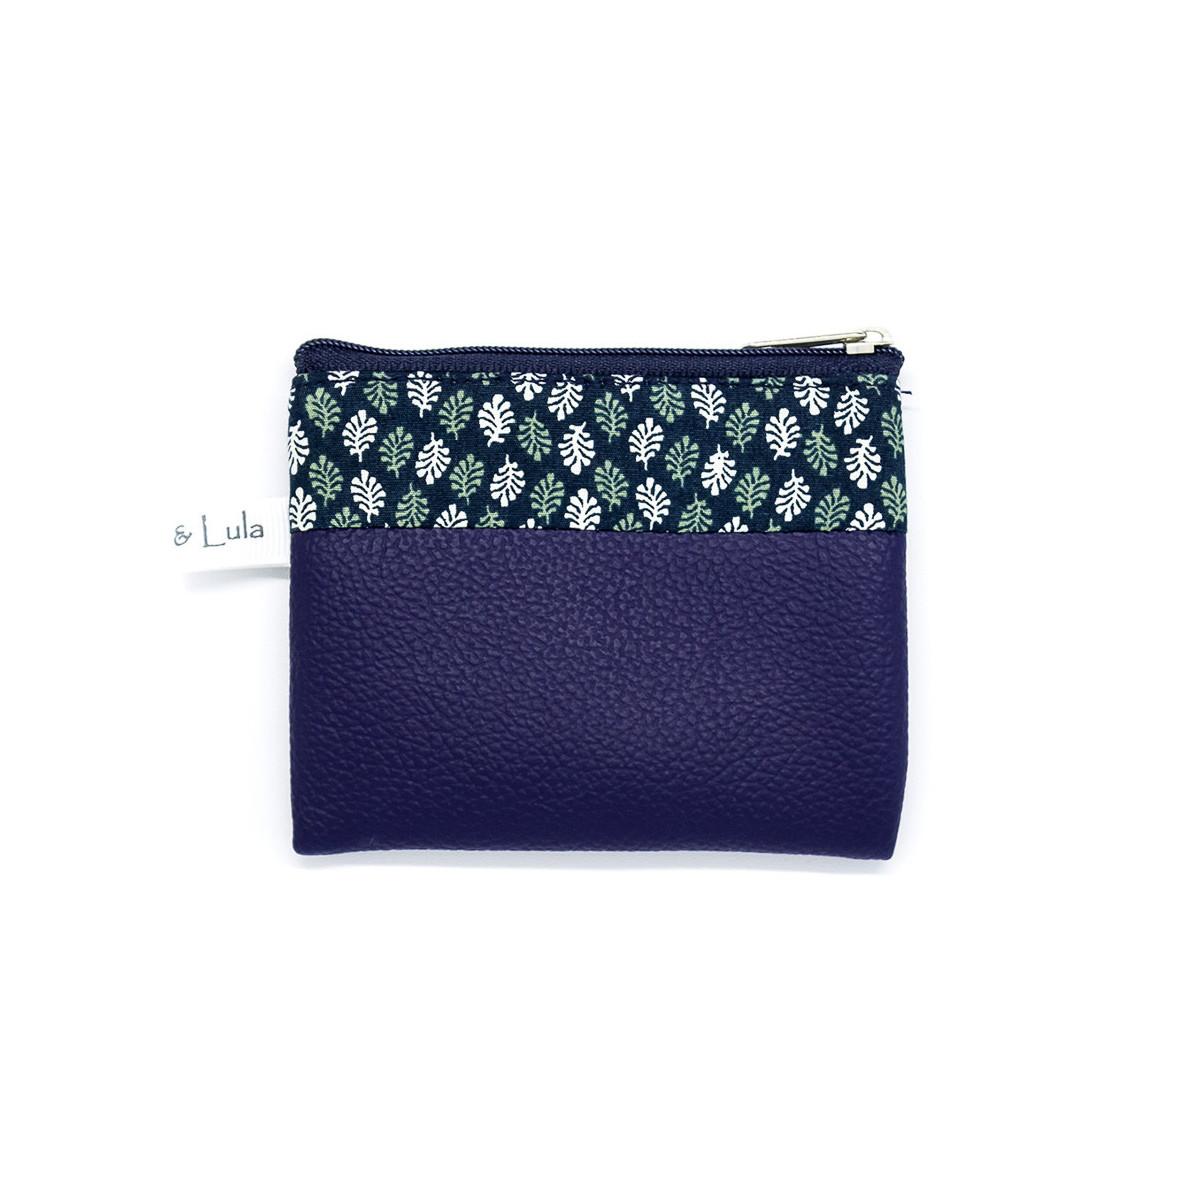 Petit porte-monnaie zippé bleu foncé et feuilles